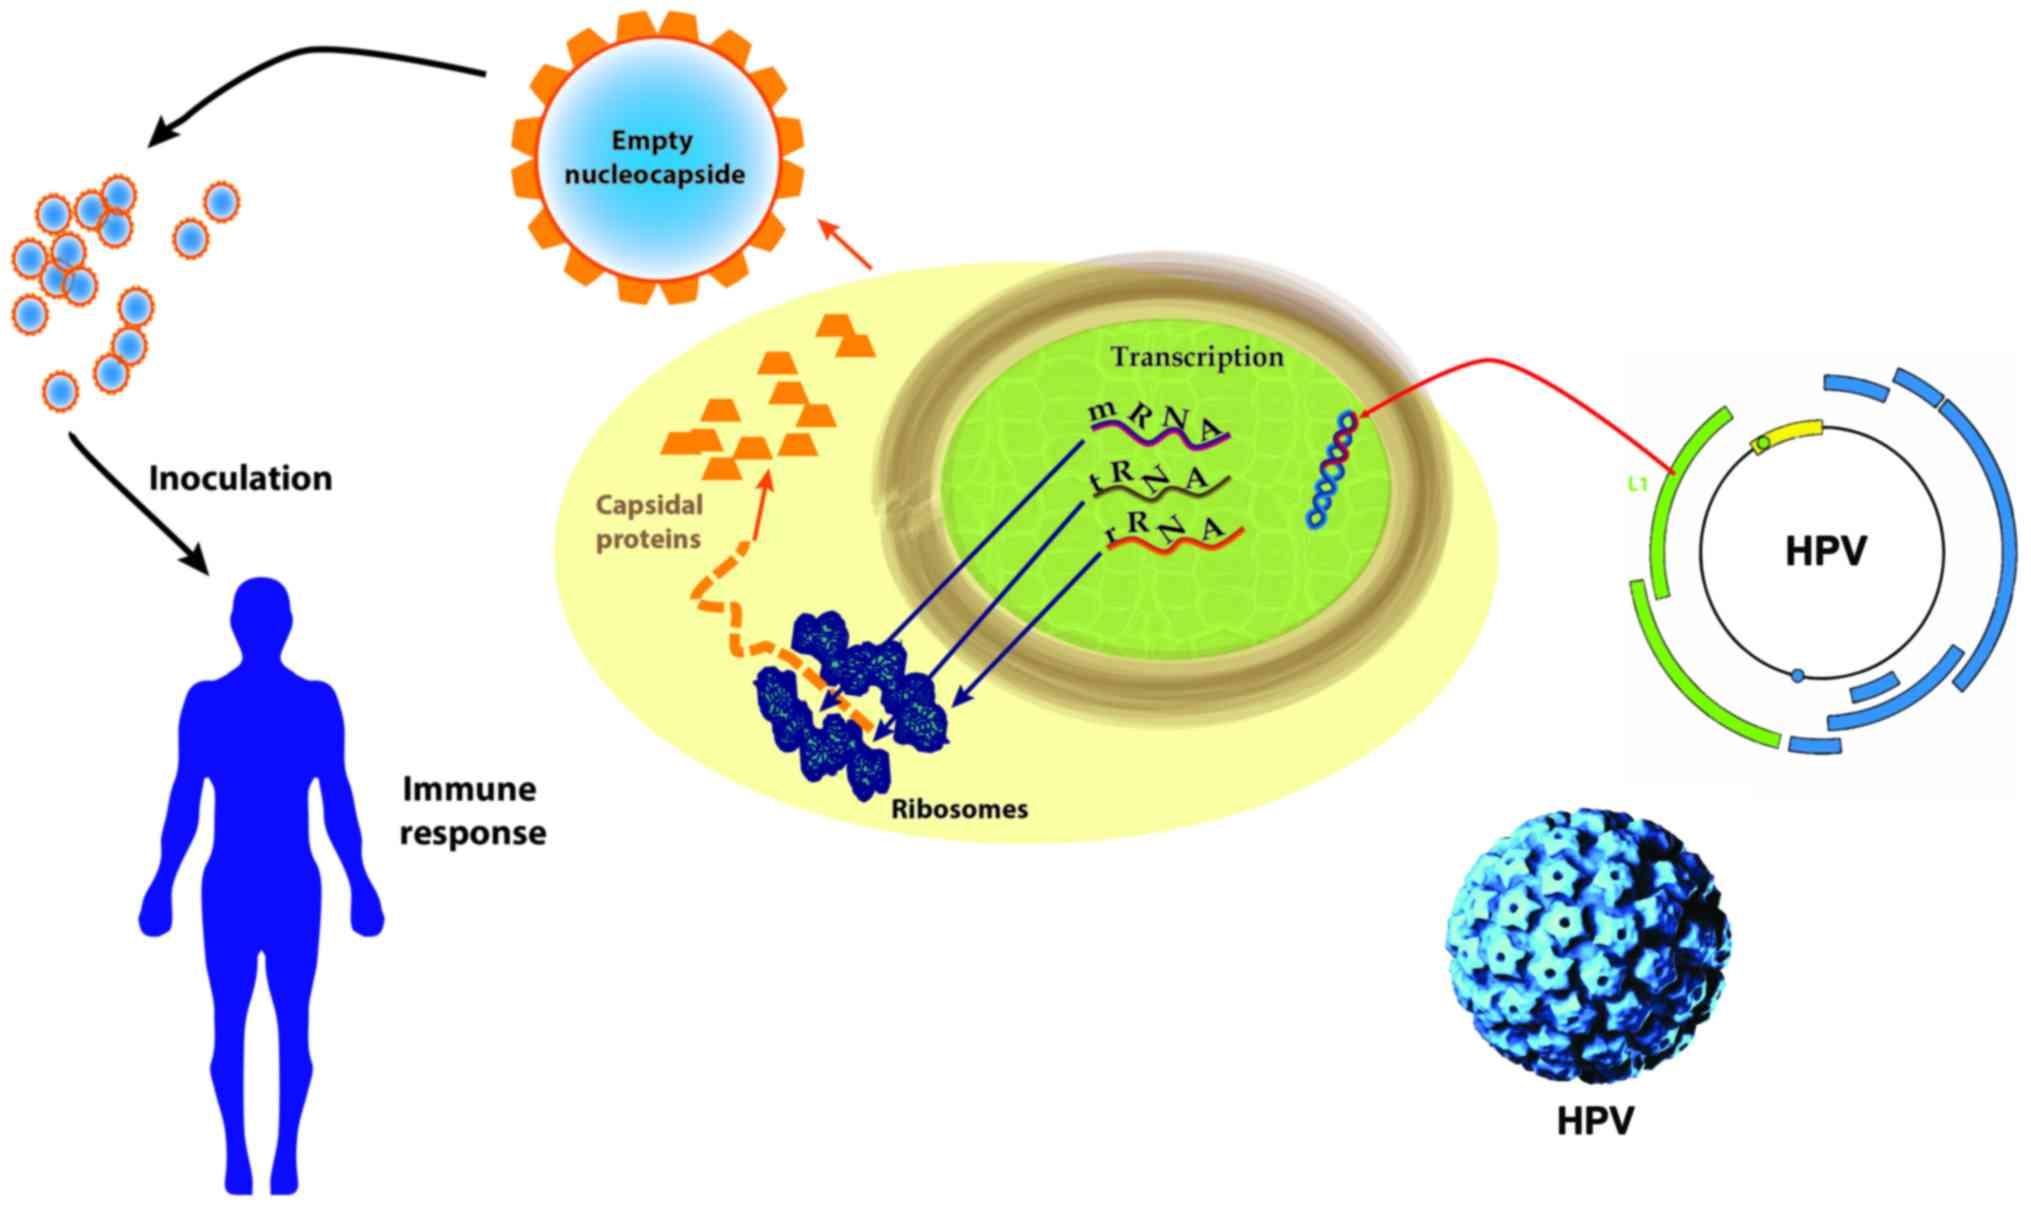 human papillomavirus rna or dna